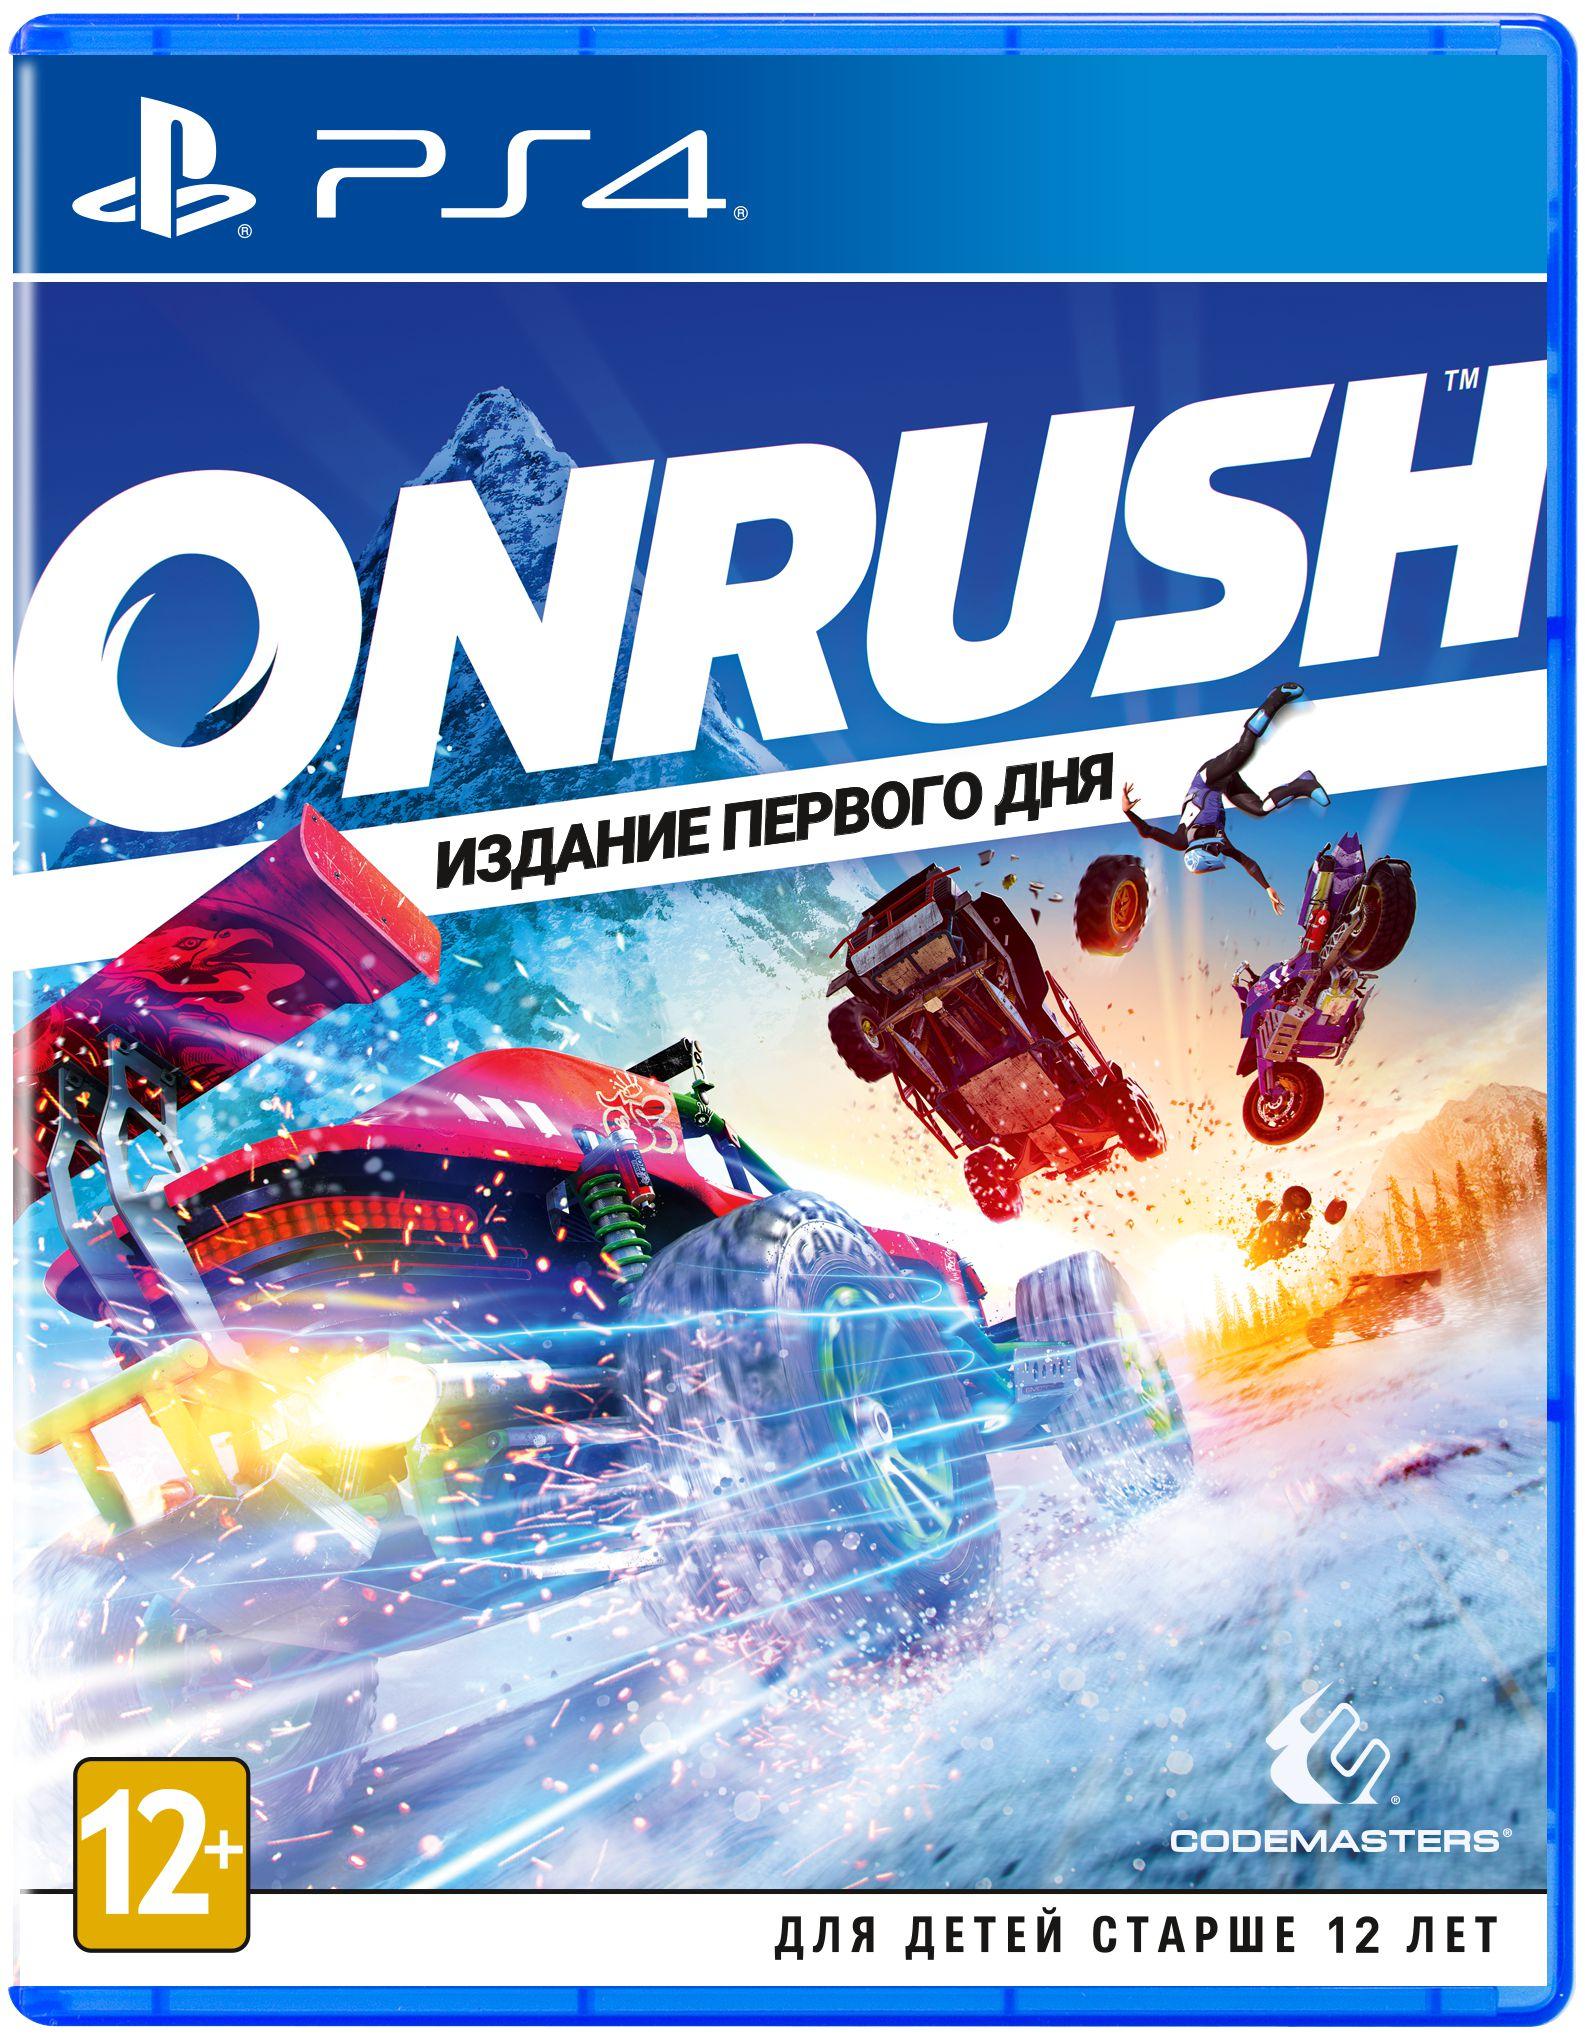 Onrush. Издание первого дня [PS4]Onrush – это акрадная гоночная игра от бывших сотрудников Evolution Studios (создатели серии MotorStorm и Driveclub).<br>